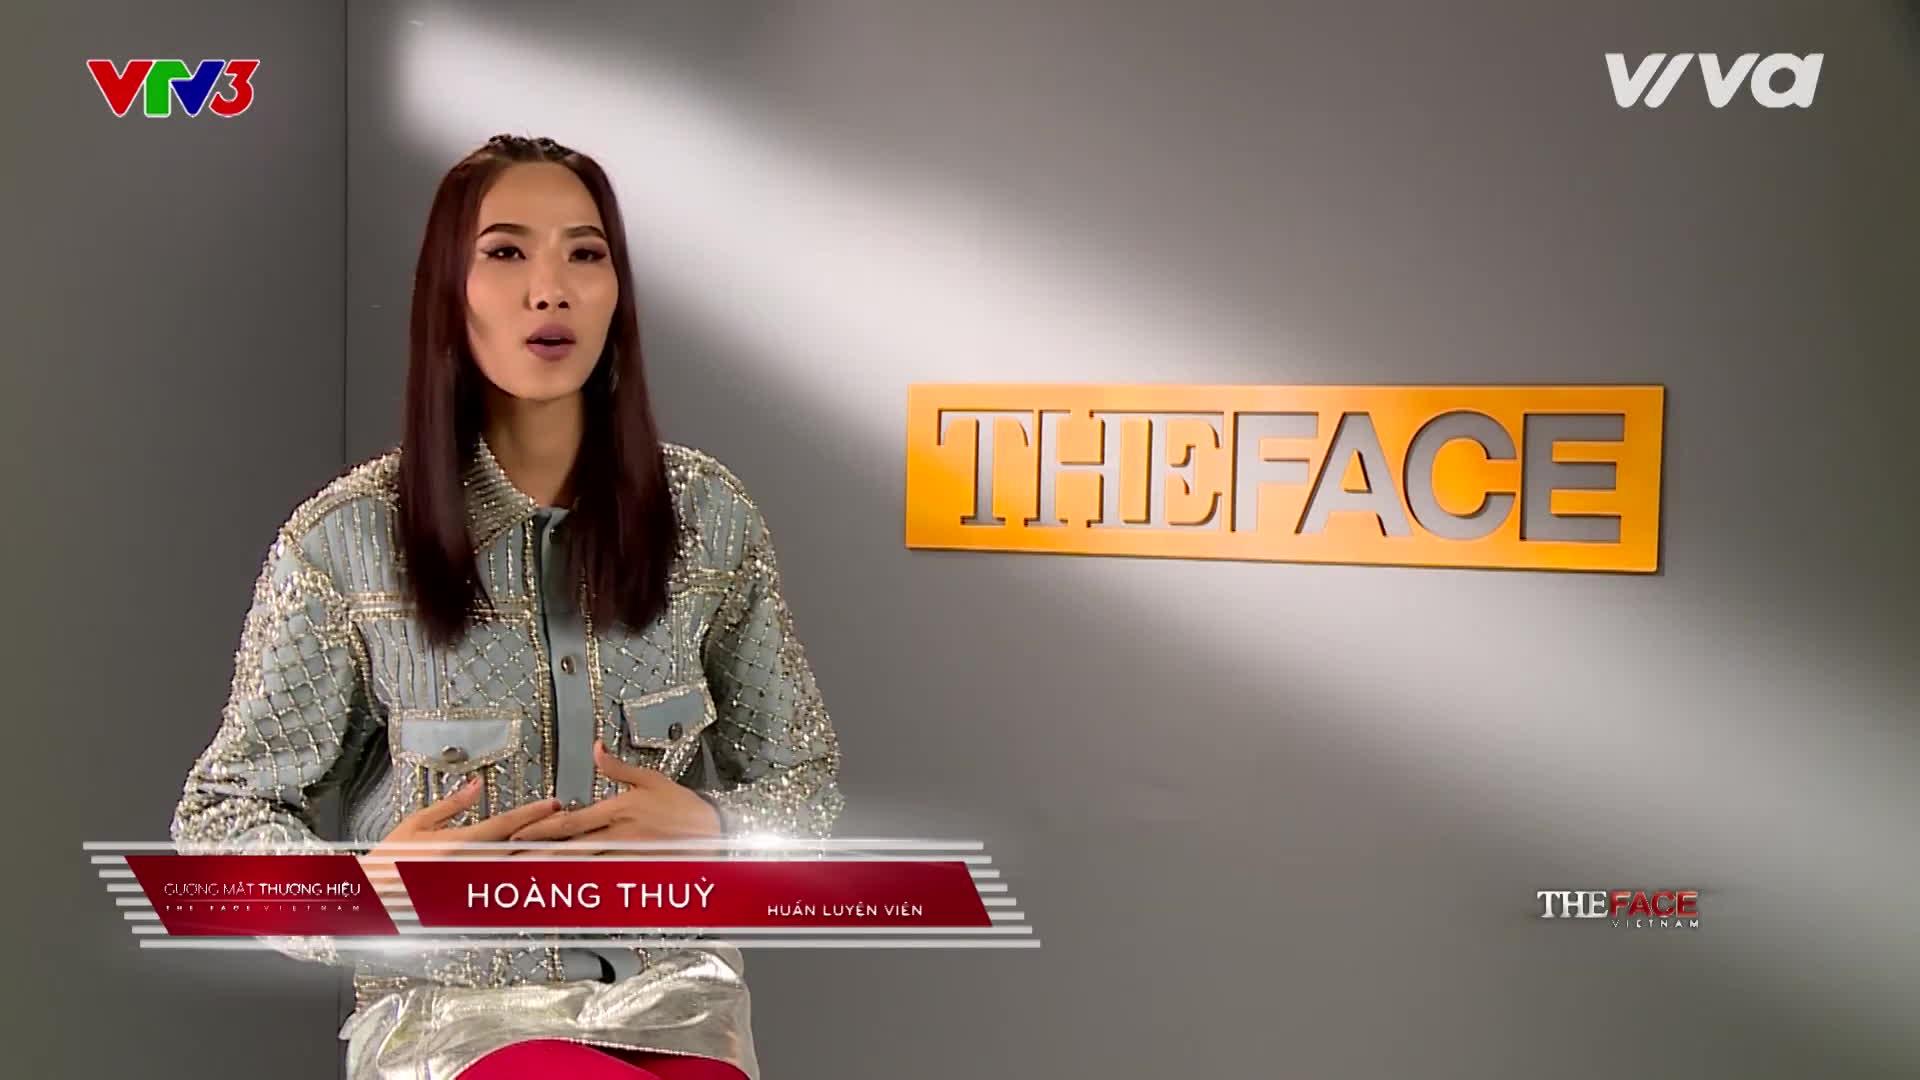 Dù không hẹn, Lilly Nguyễn vẫn tư tưởng lớn gặp  Hoàng Thuỳ nhờ mẫu áo denim này!